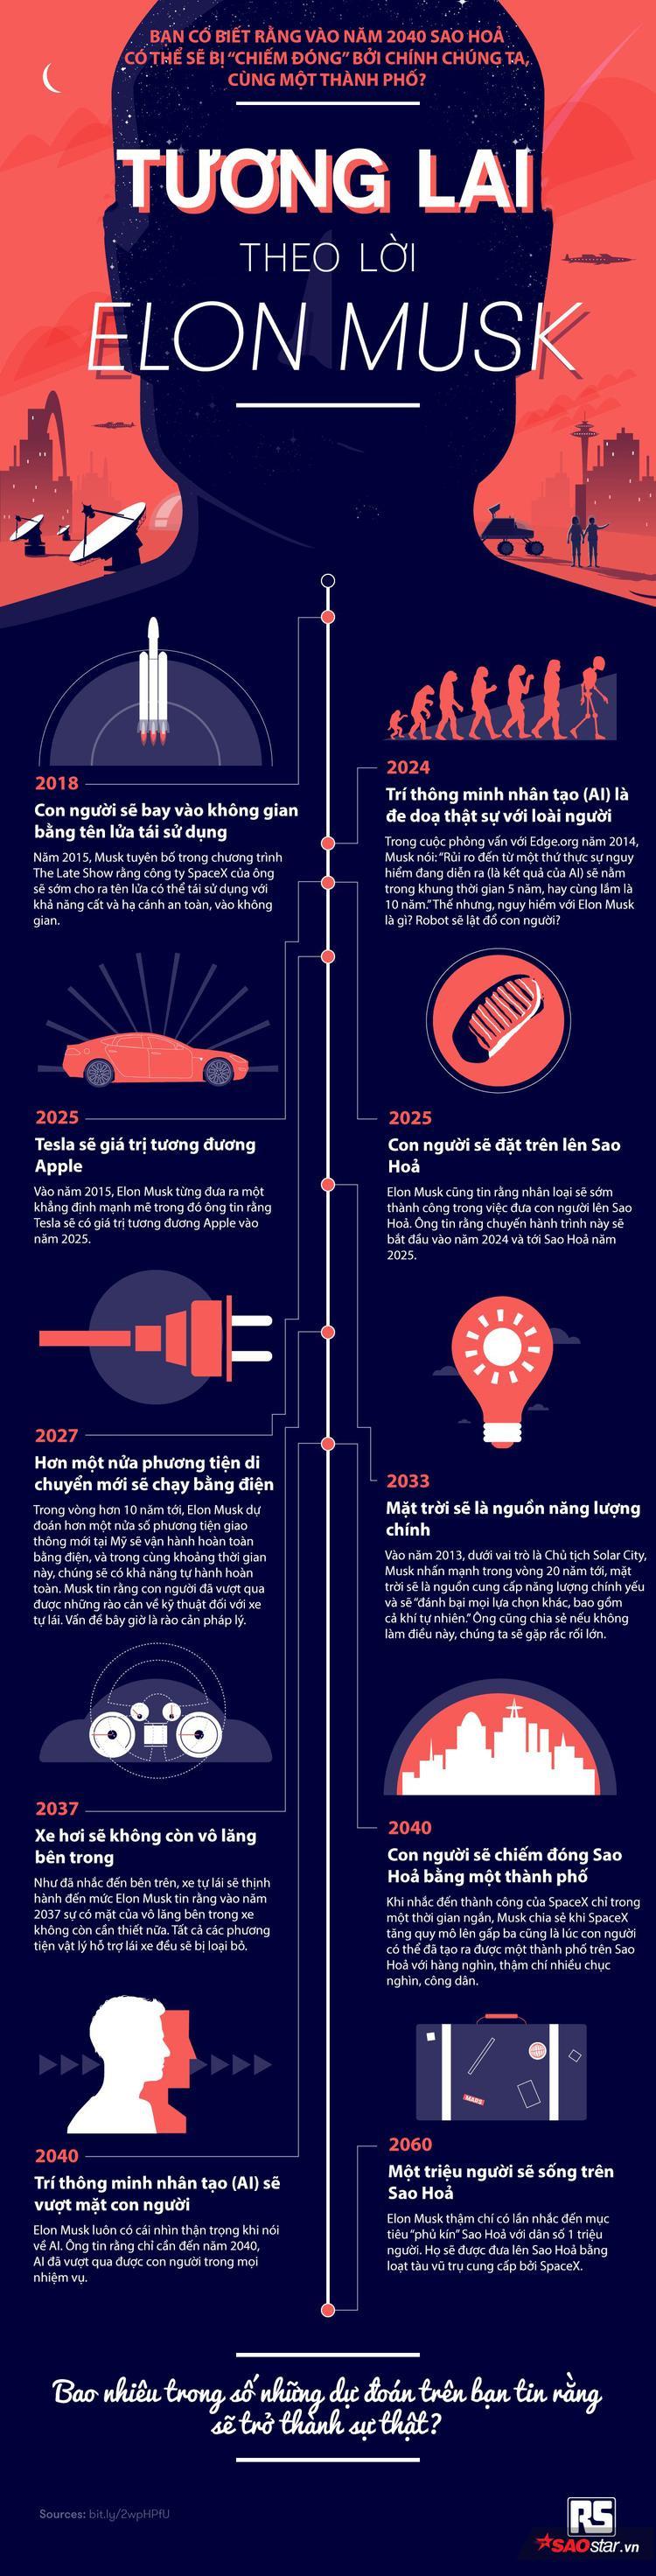 Những dự đoán vừa đáng sợ, vừa thú vị về những điều sẽ xảy ra chỉ trong vài năm tới của Elon Musk